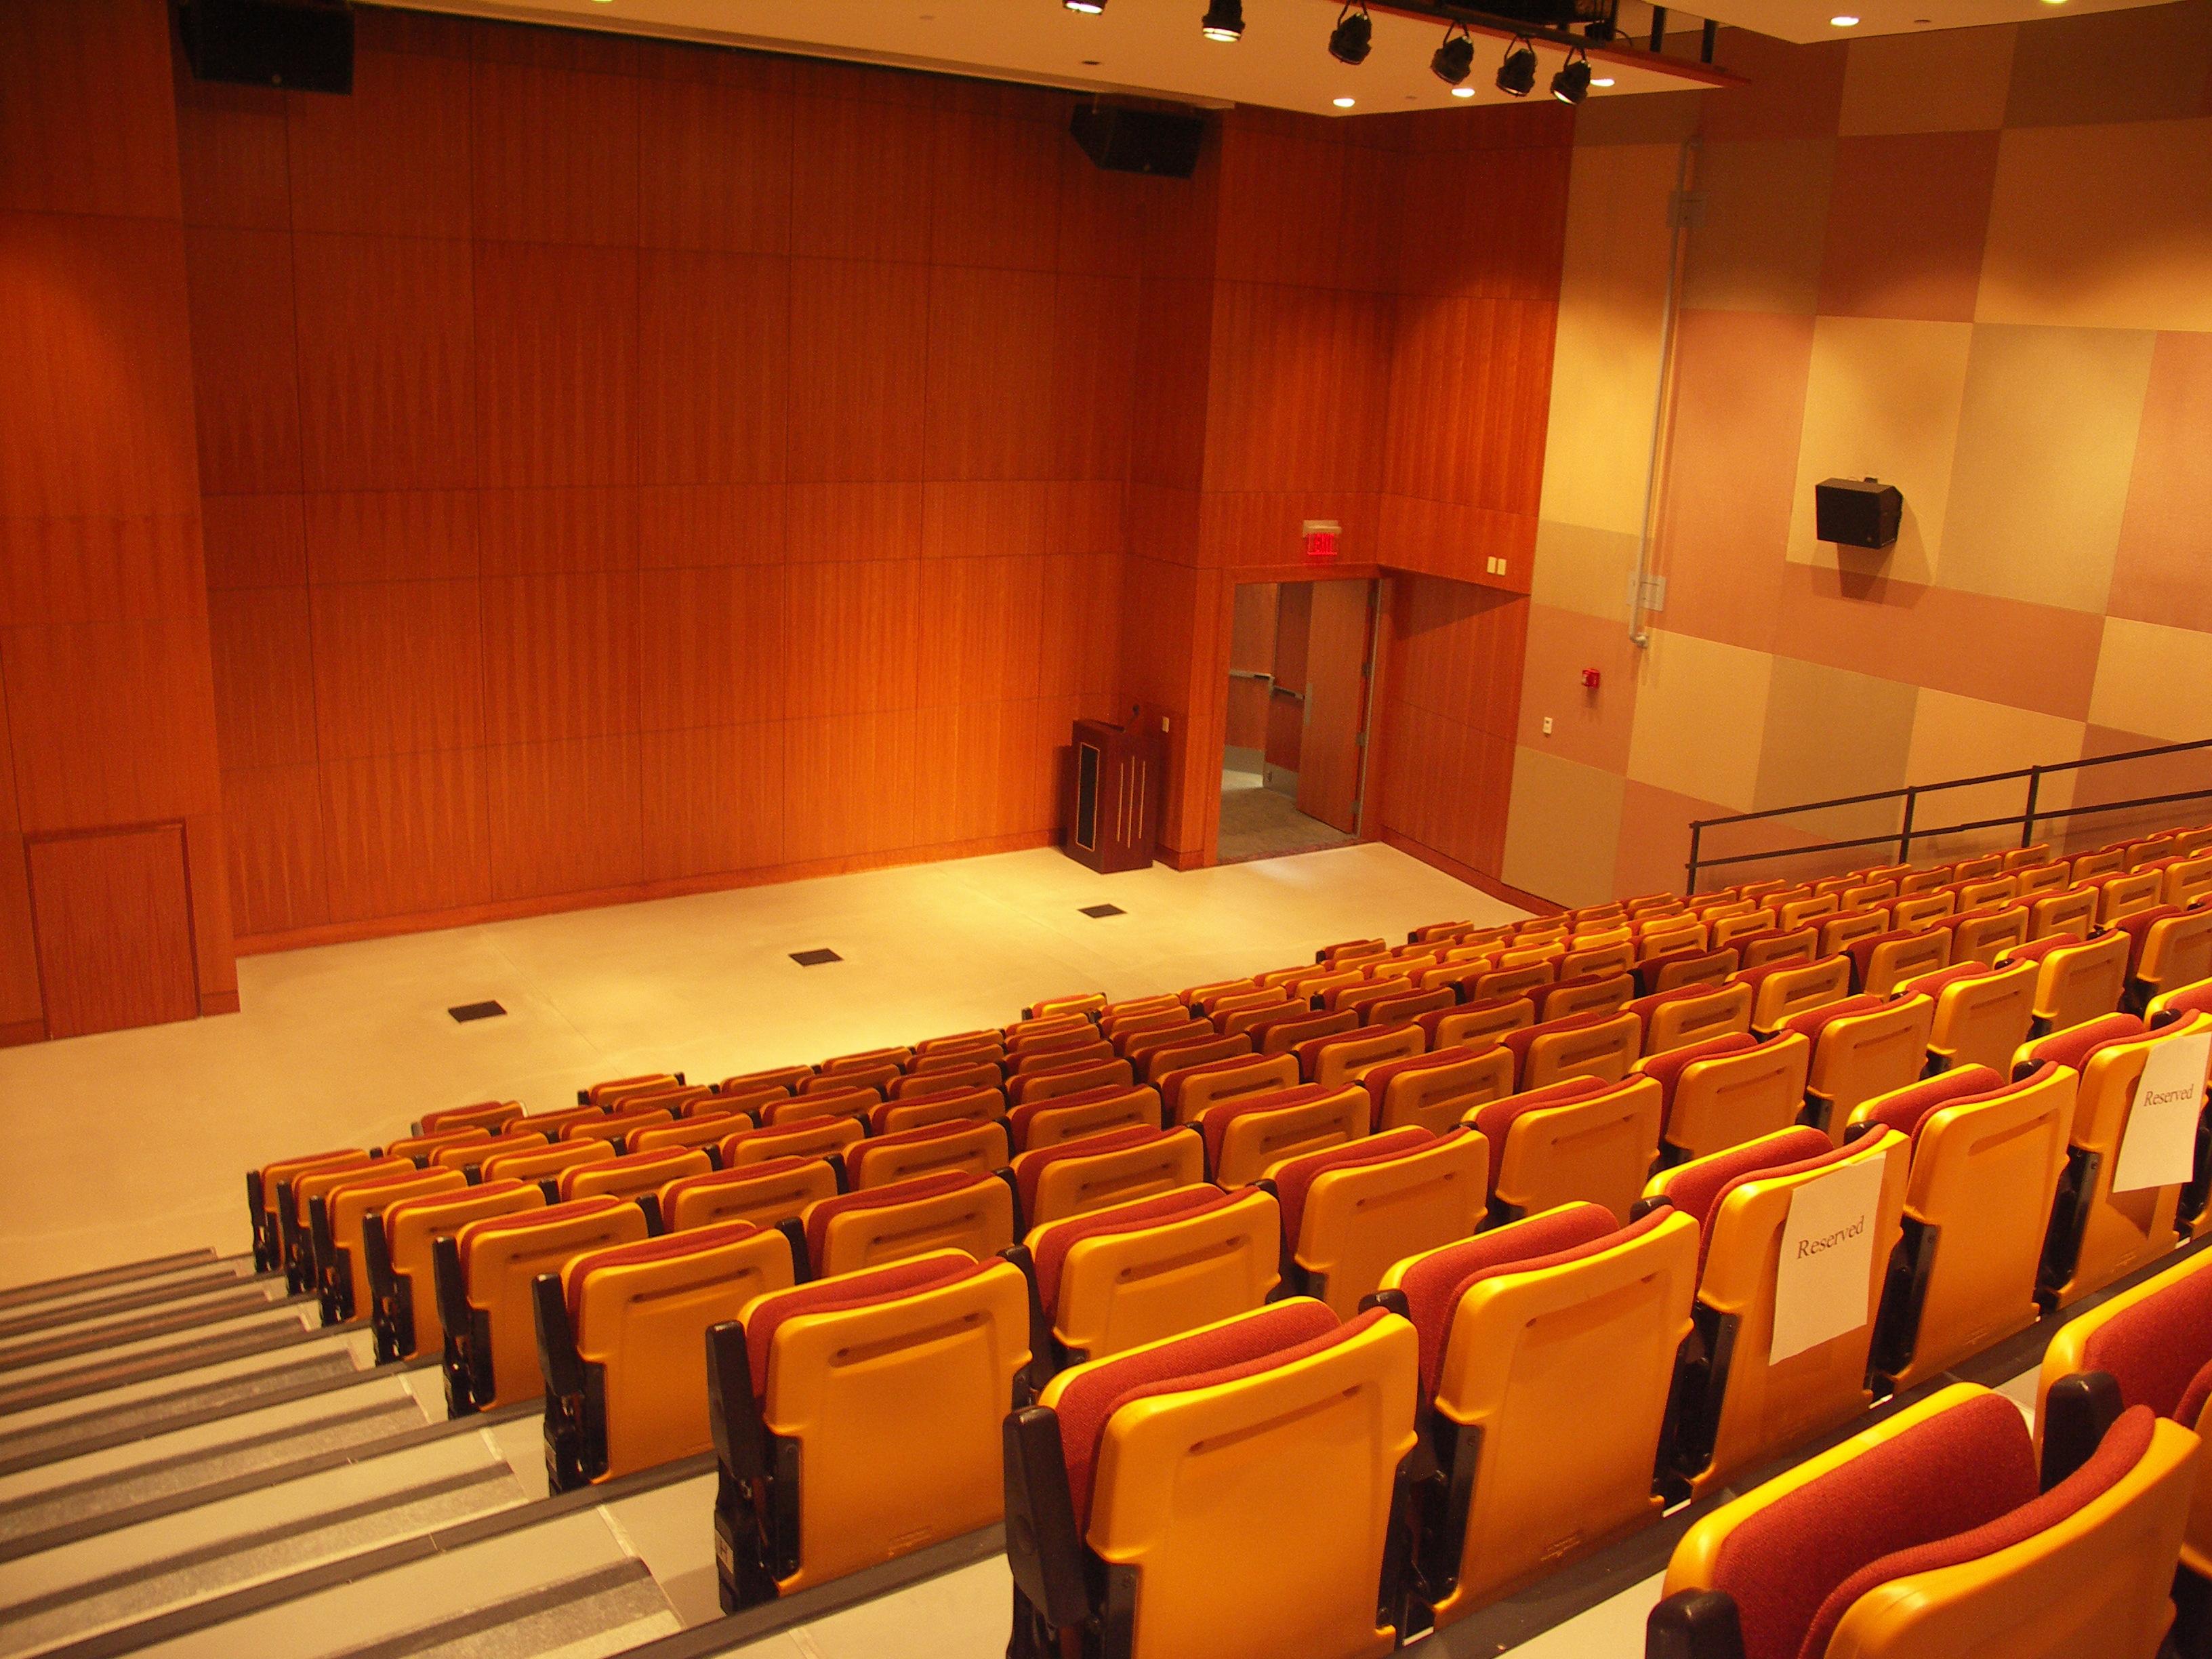 Classroom Auditorium Design ~ Auditorium muhammad ali center event space